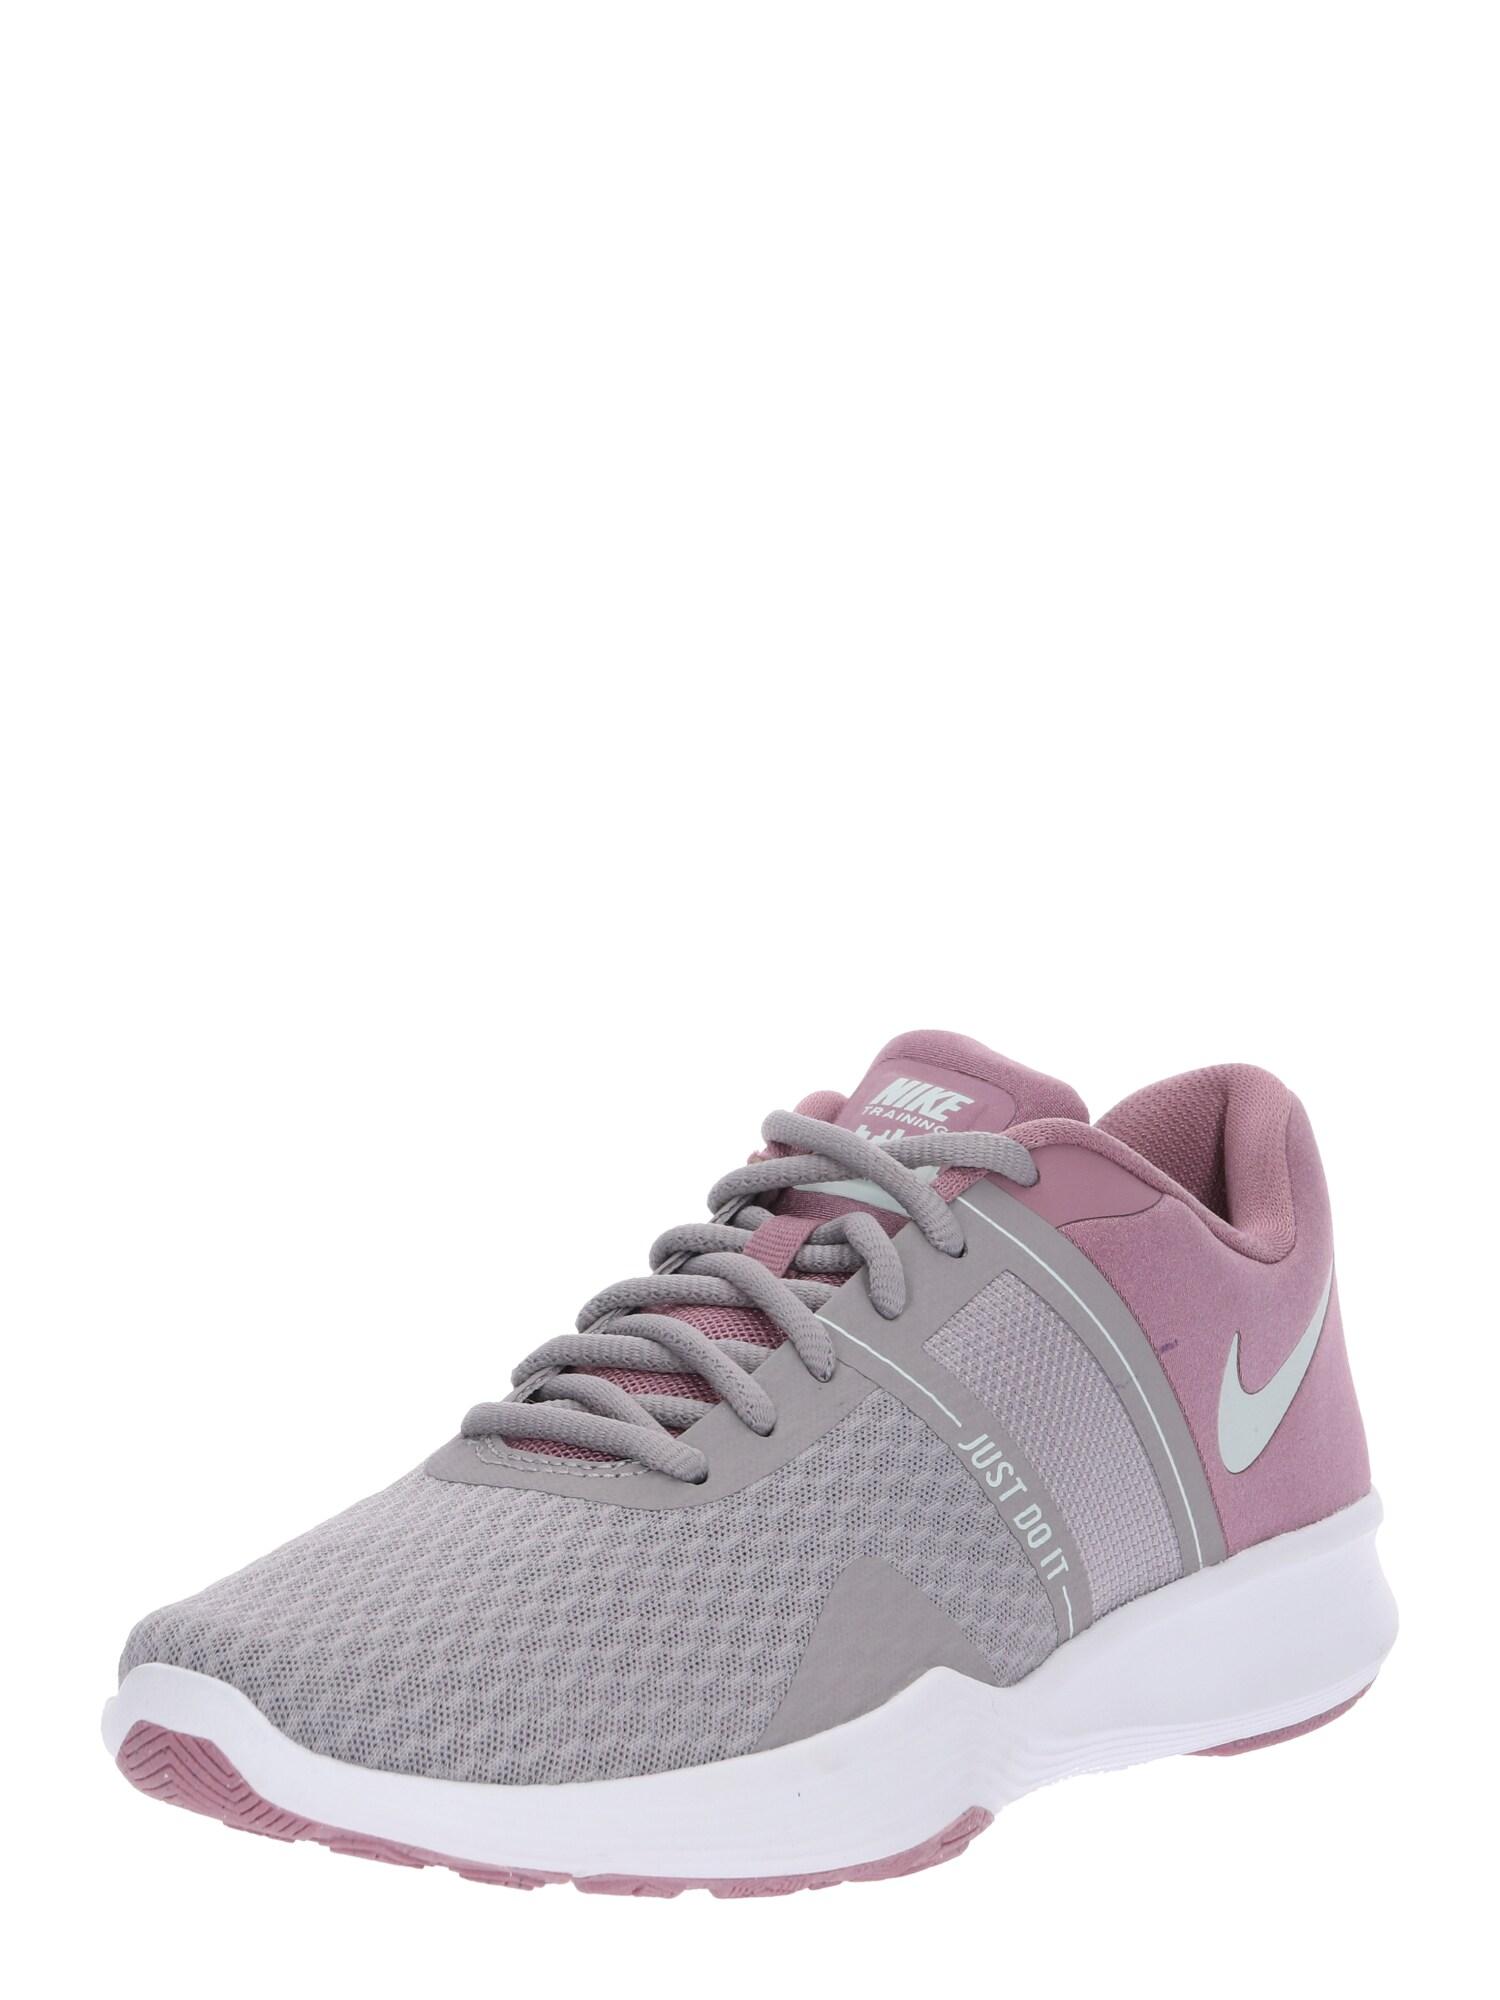 Sportovní boty City Trainer 2 šeříková růžová NIKE